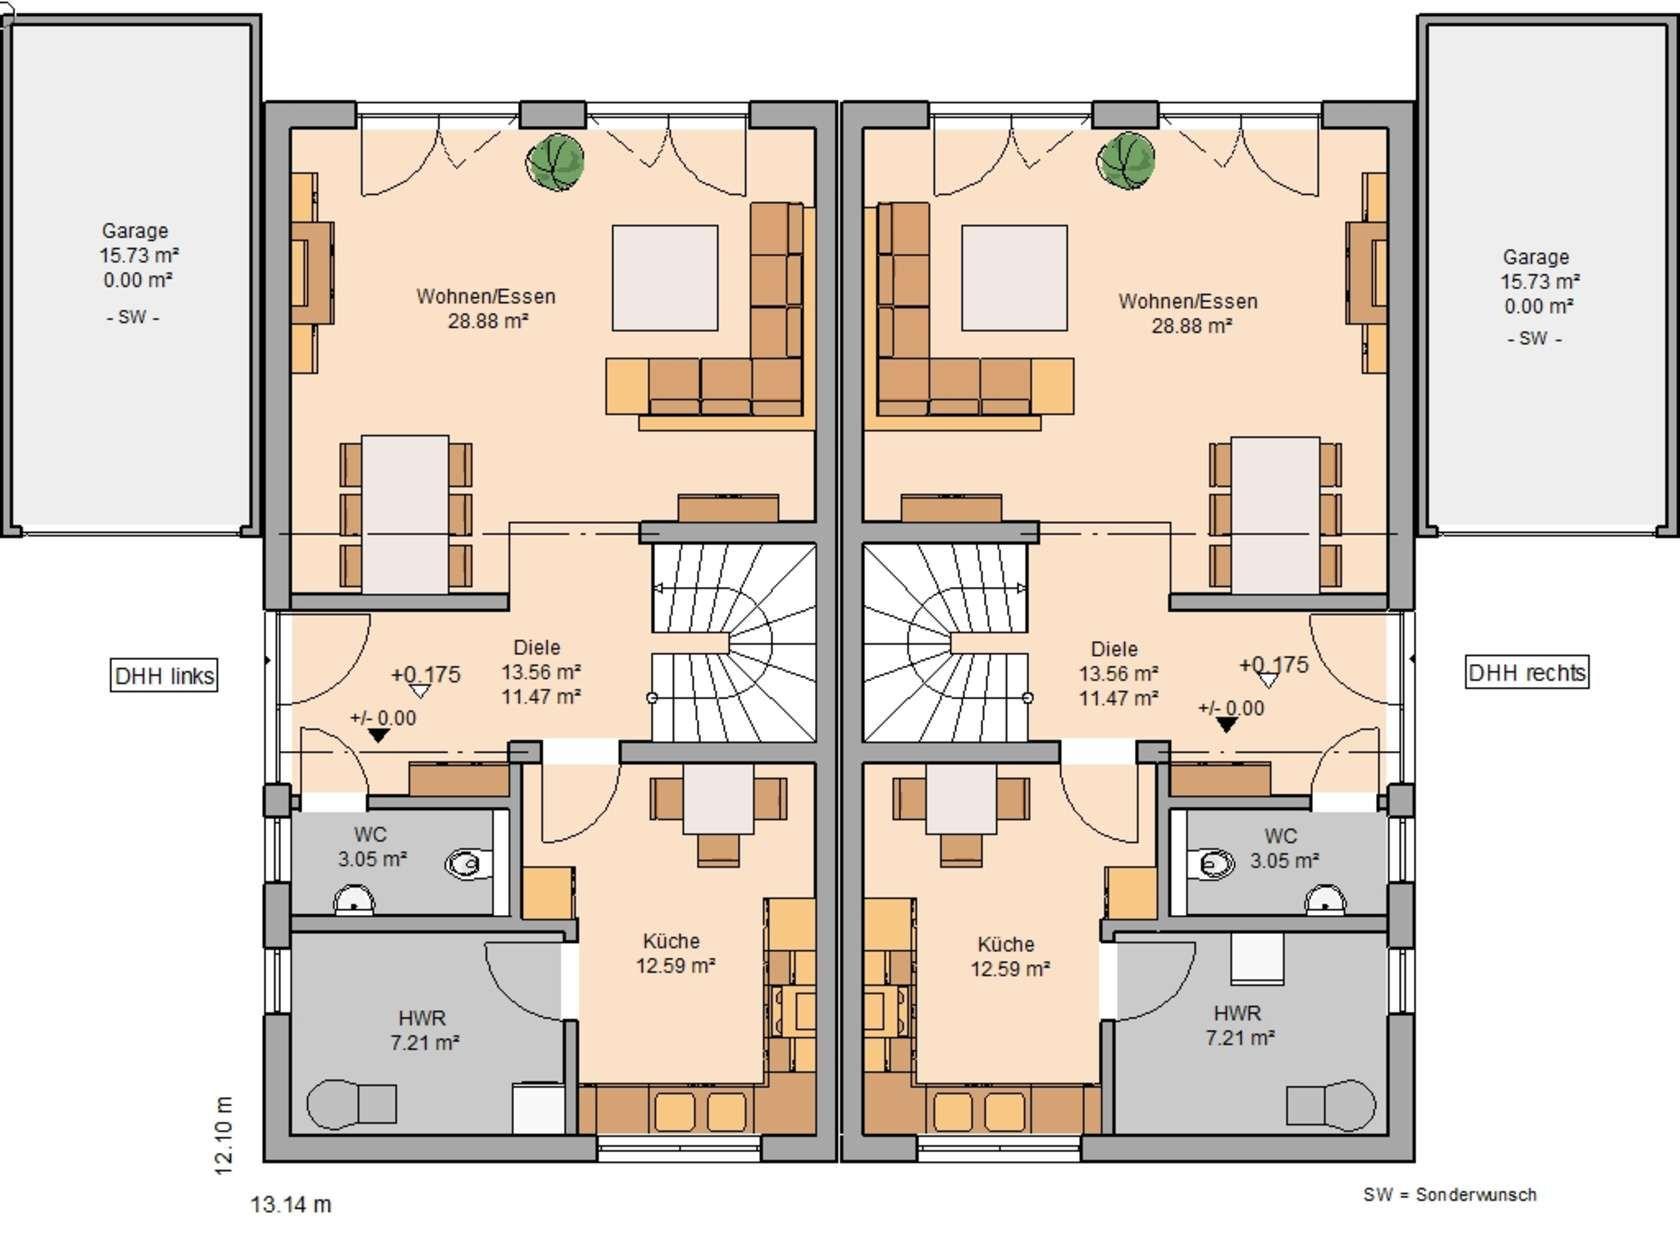 kern haus doppelhaus view grundriss erdgeschoss house pinterest kern haus erdgeschoss und. Black Bedroom Furniture Sets. Home Design Ideas